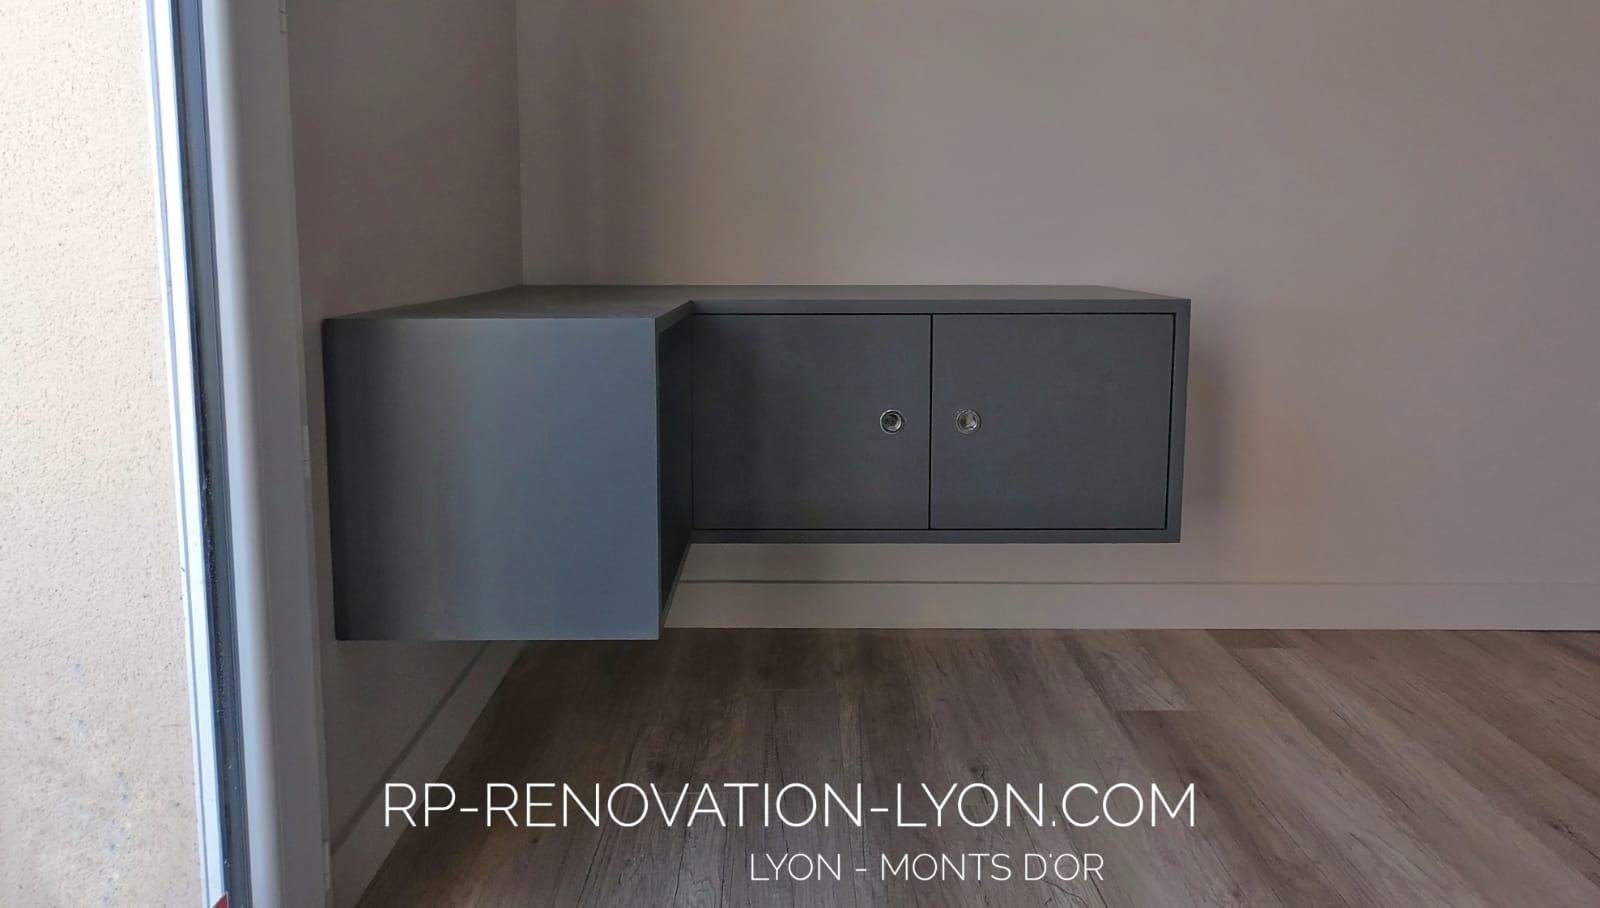 Agencement Et Mobilier Sur Mesure Rp Renovation Lyon